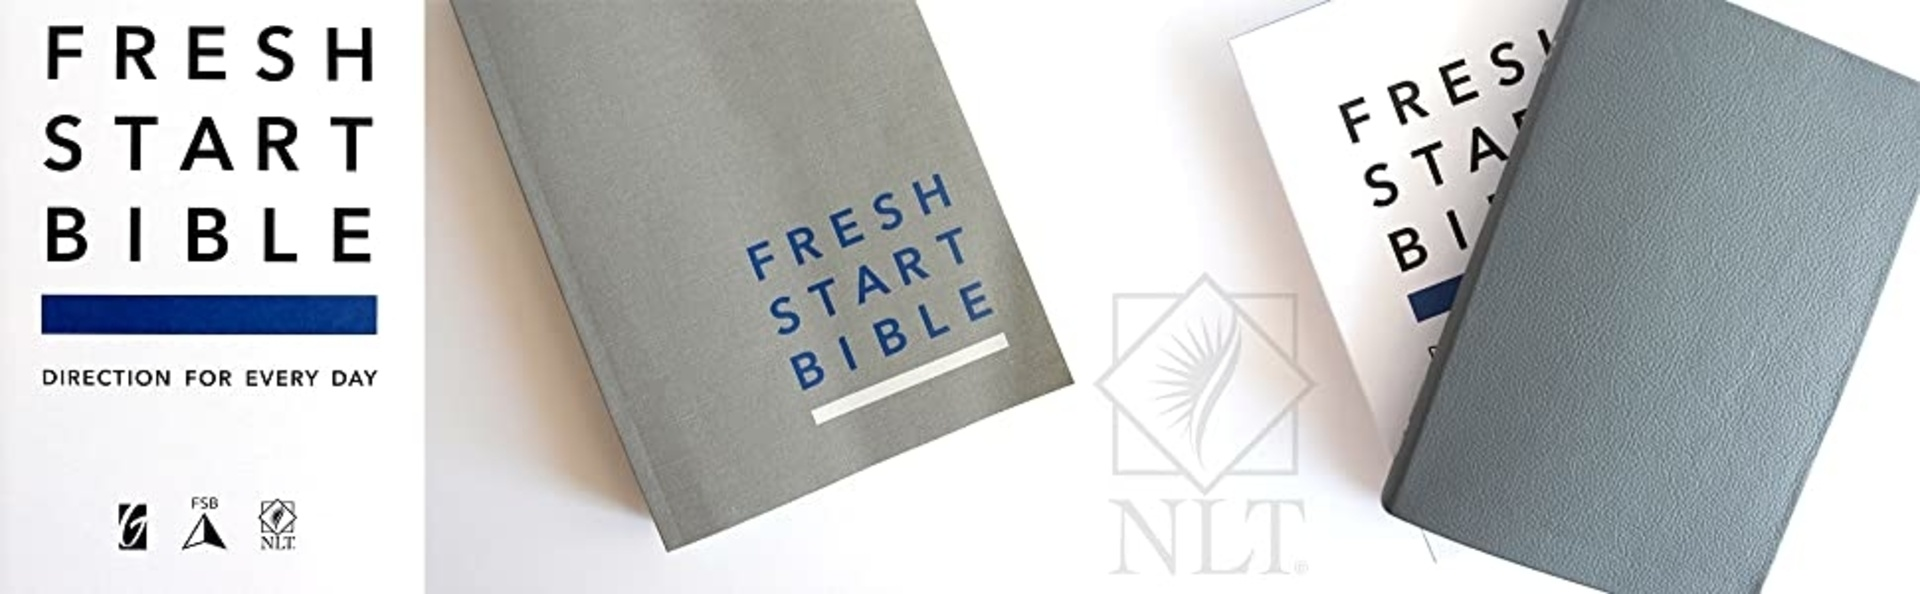 Fresh Start Bibles